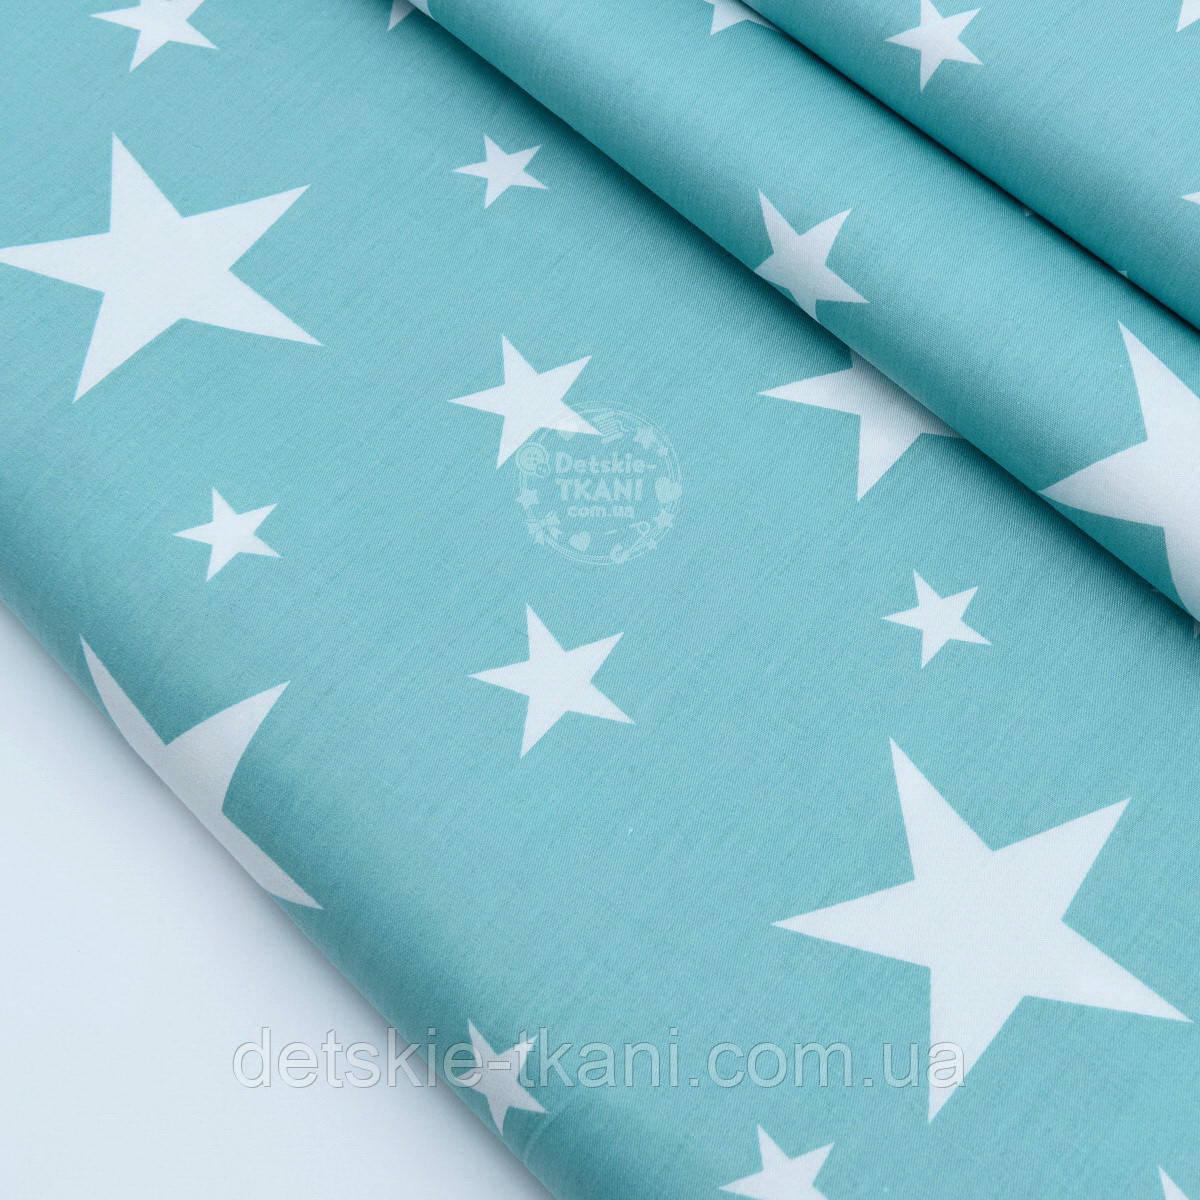 """Сатин ткань """"Большие и малые звёзды"""" белые на бирюзовом, №1772с"""